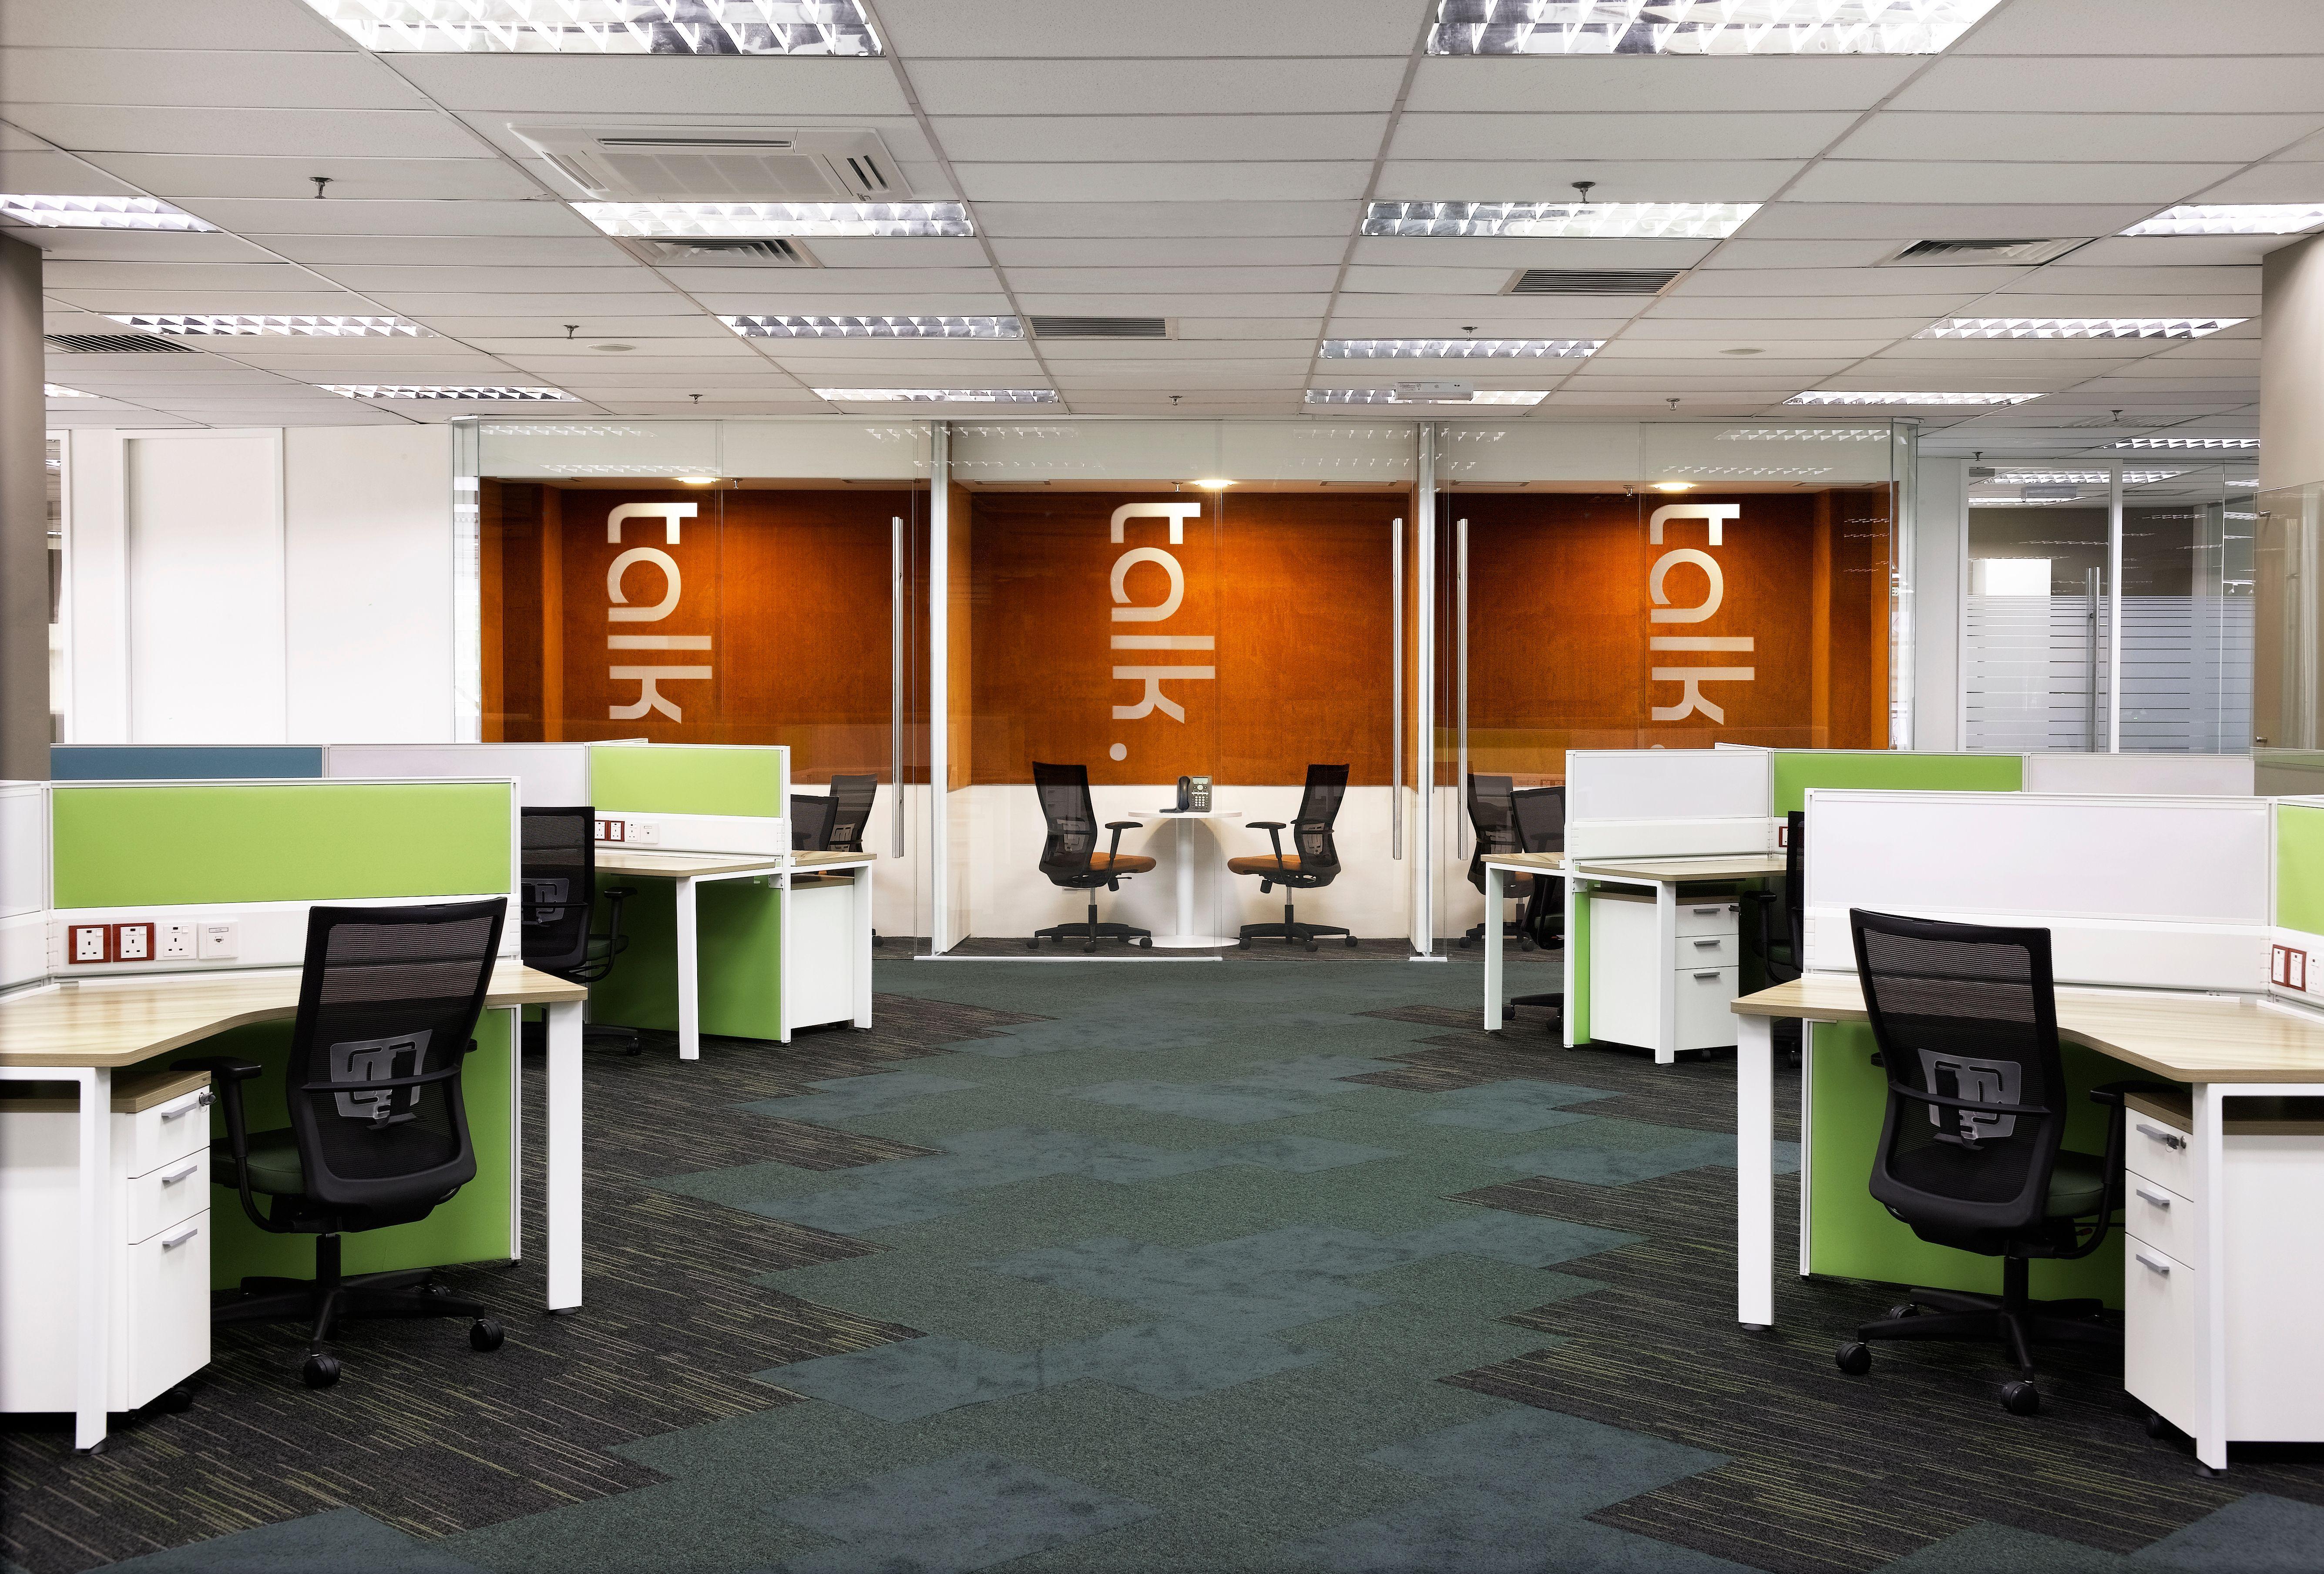 Fuji Xerox In Kuala Lumpur Malaysia Design And Build Project By